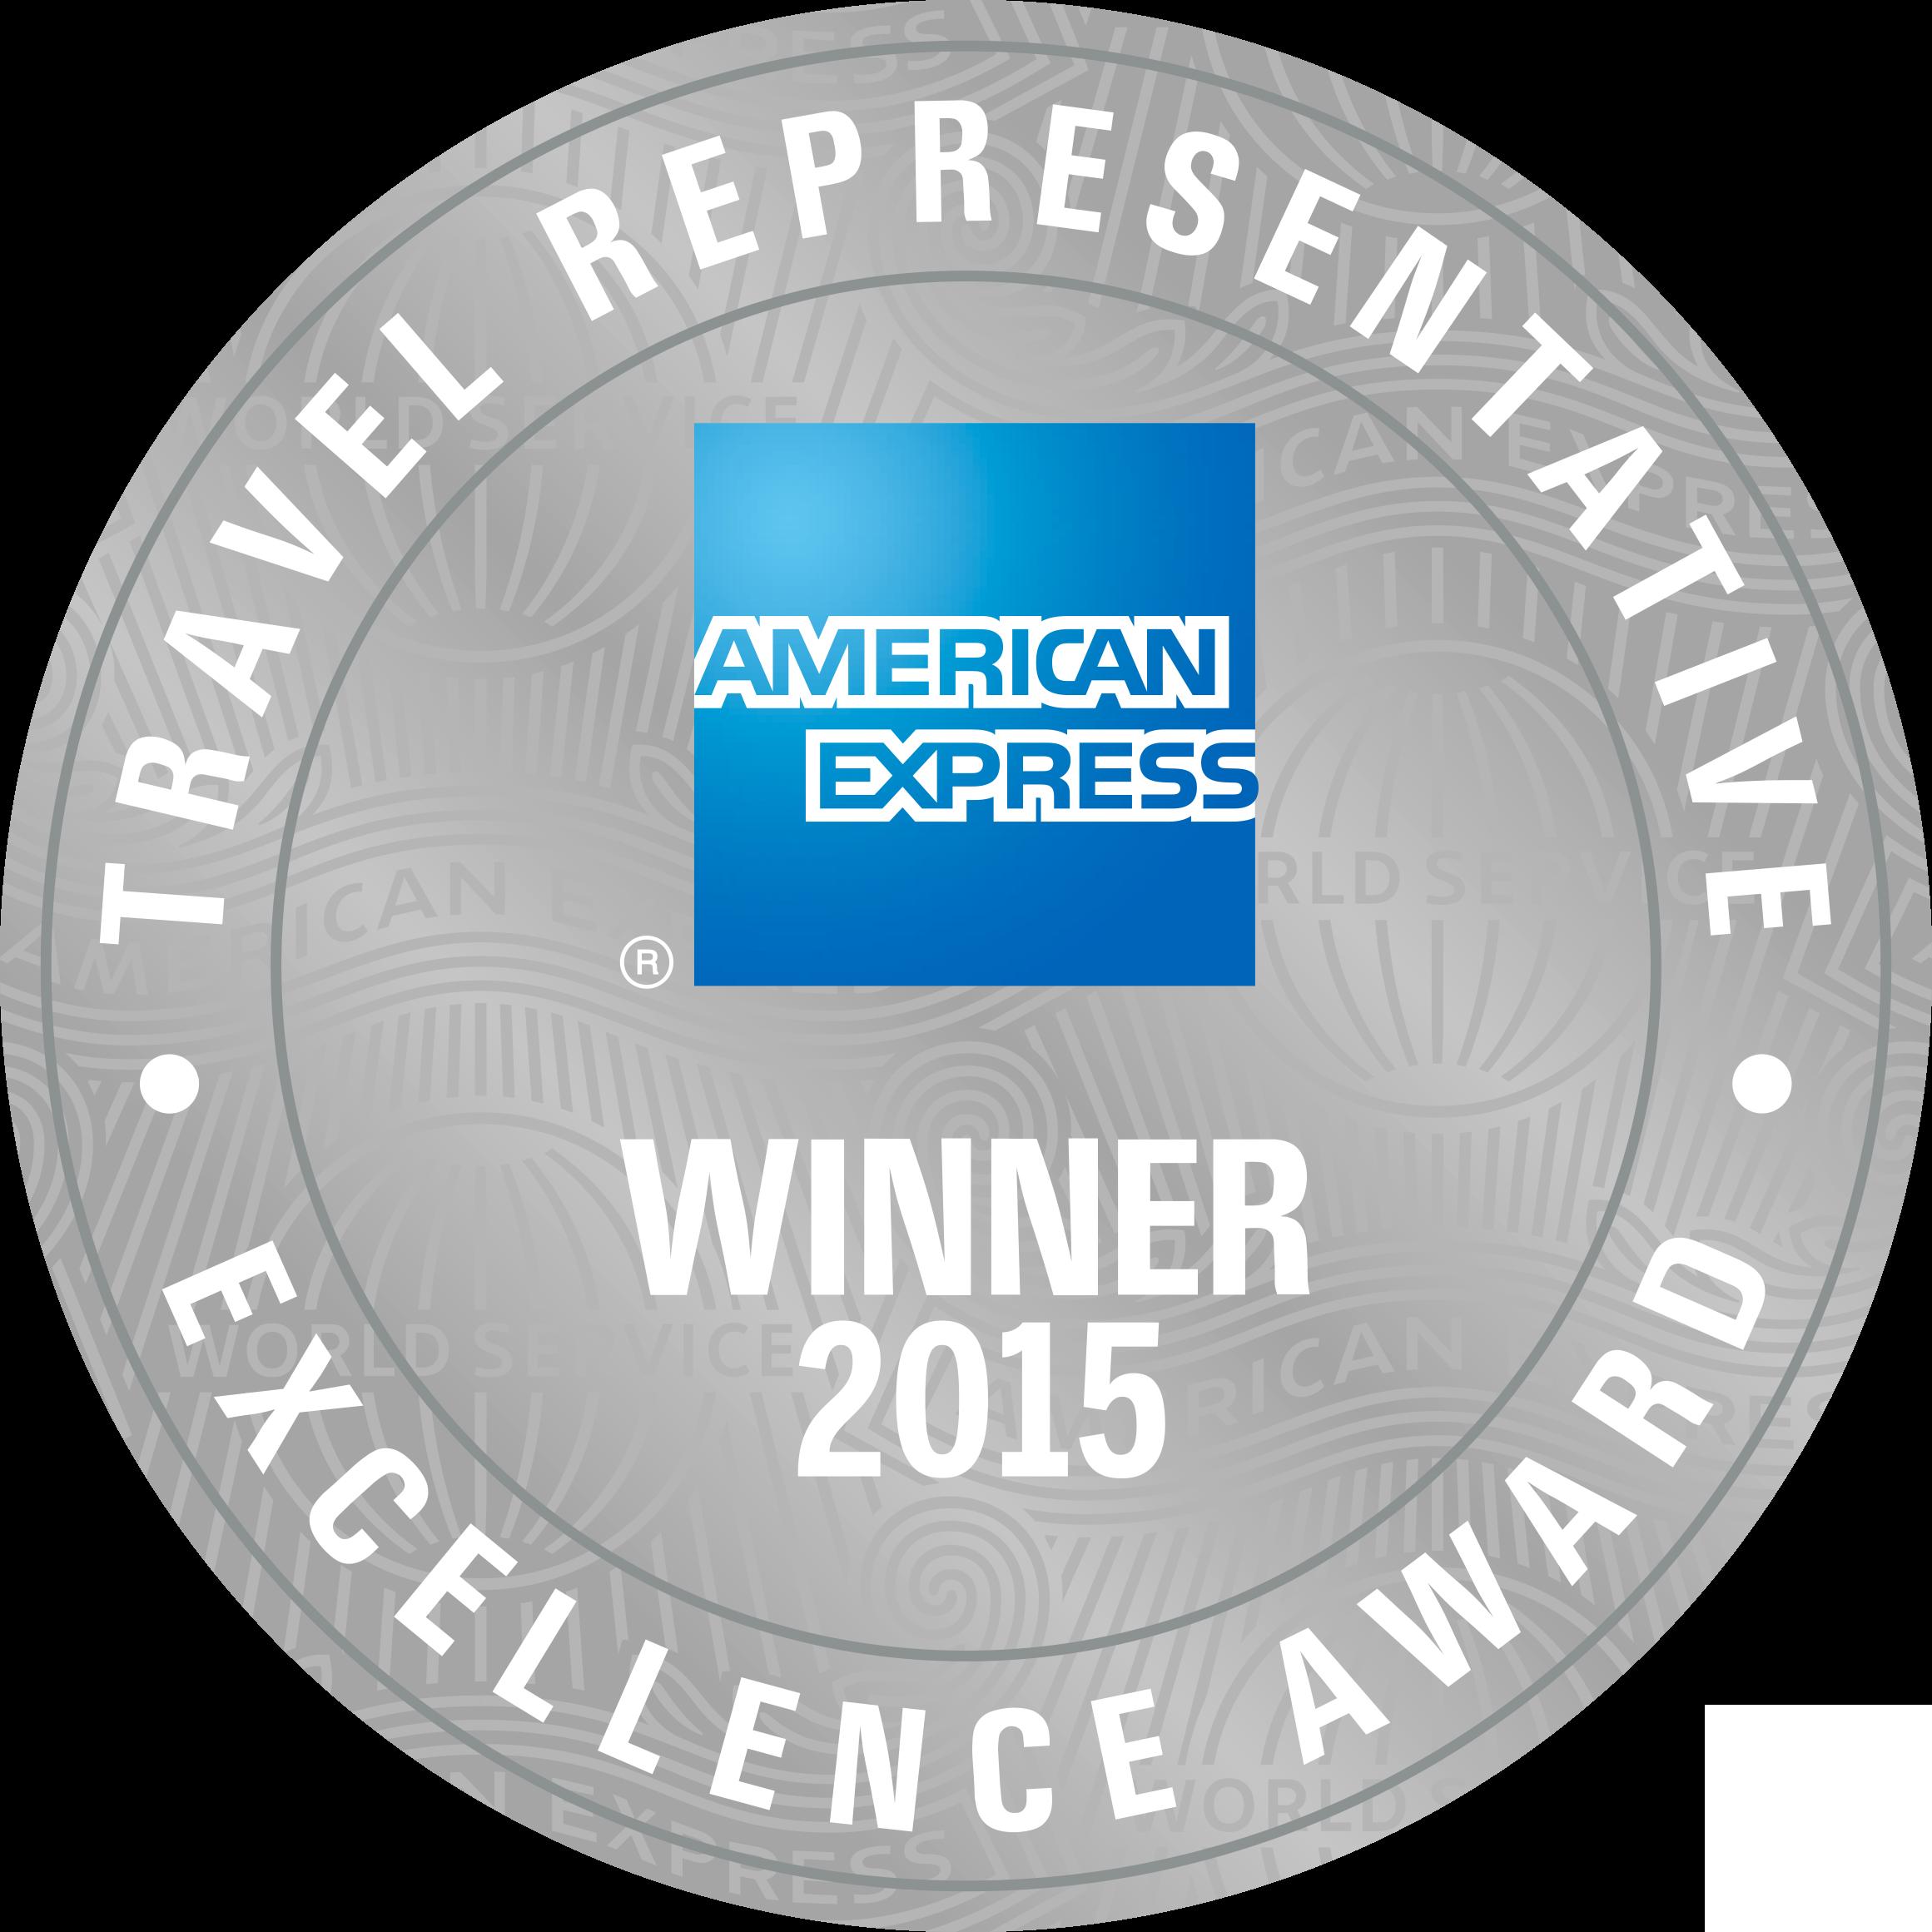 2015 Representative Excellence Award